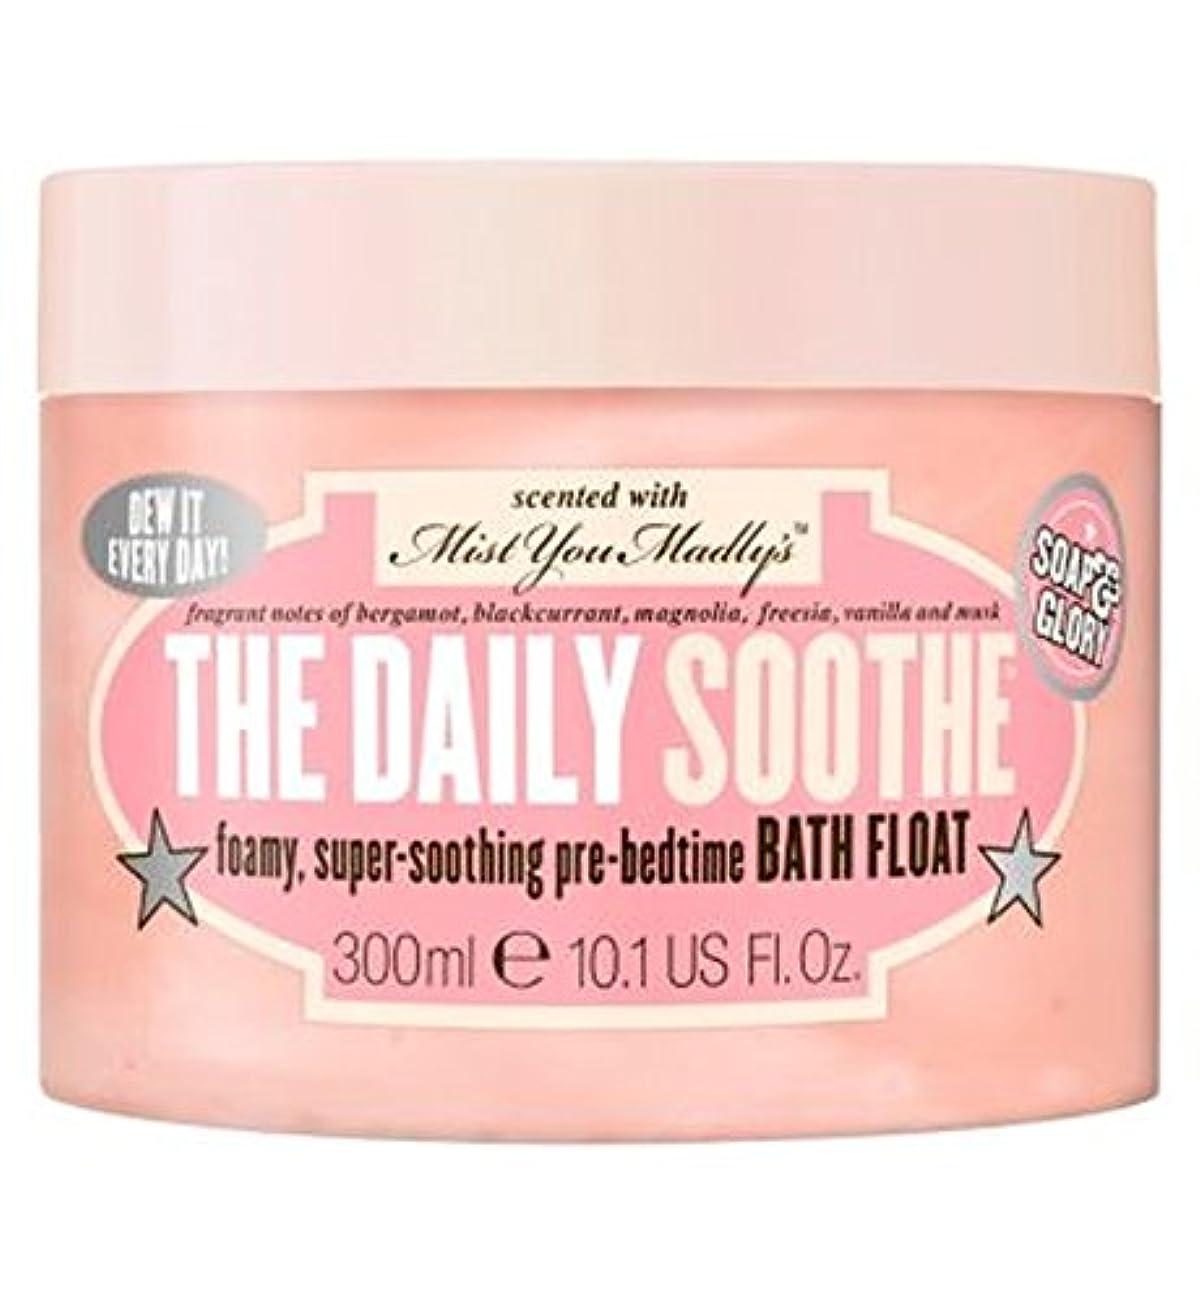 ハンカチシンカン特権的Soap & Glory The Daily Soothe Bath Float - 石鹸&栄光毎日癒すバスフロート (Soap & Glory) [並行輸入品]